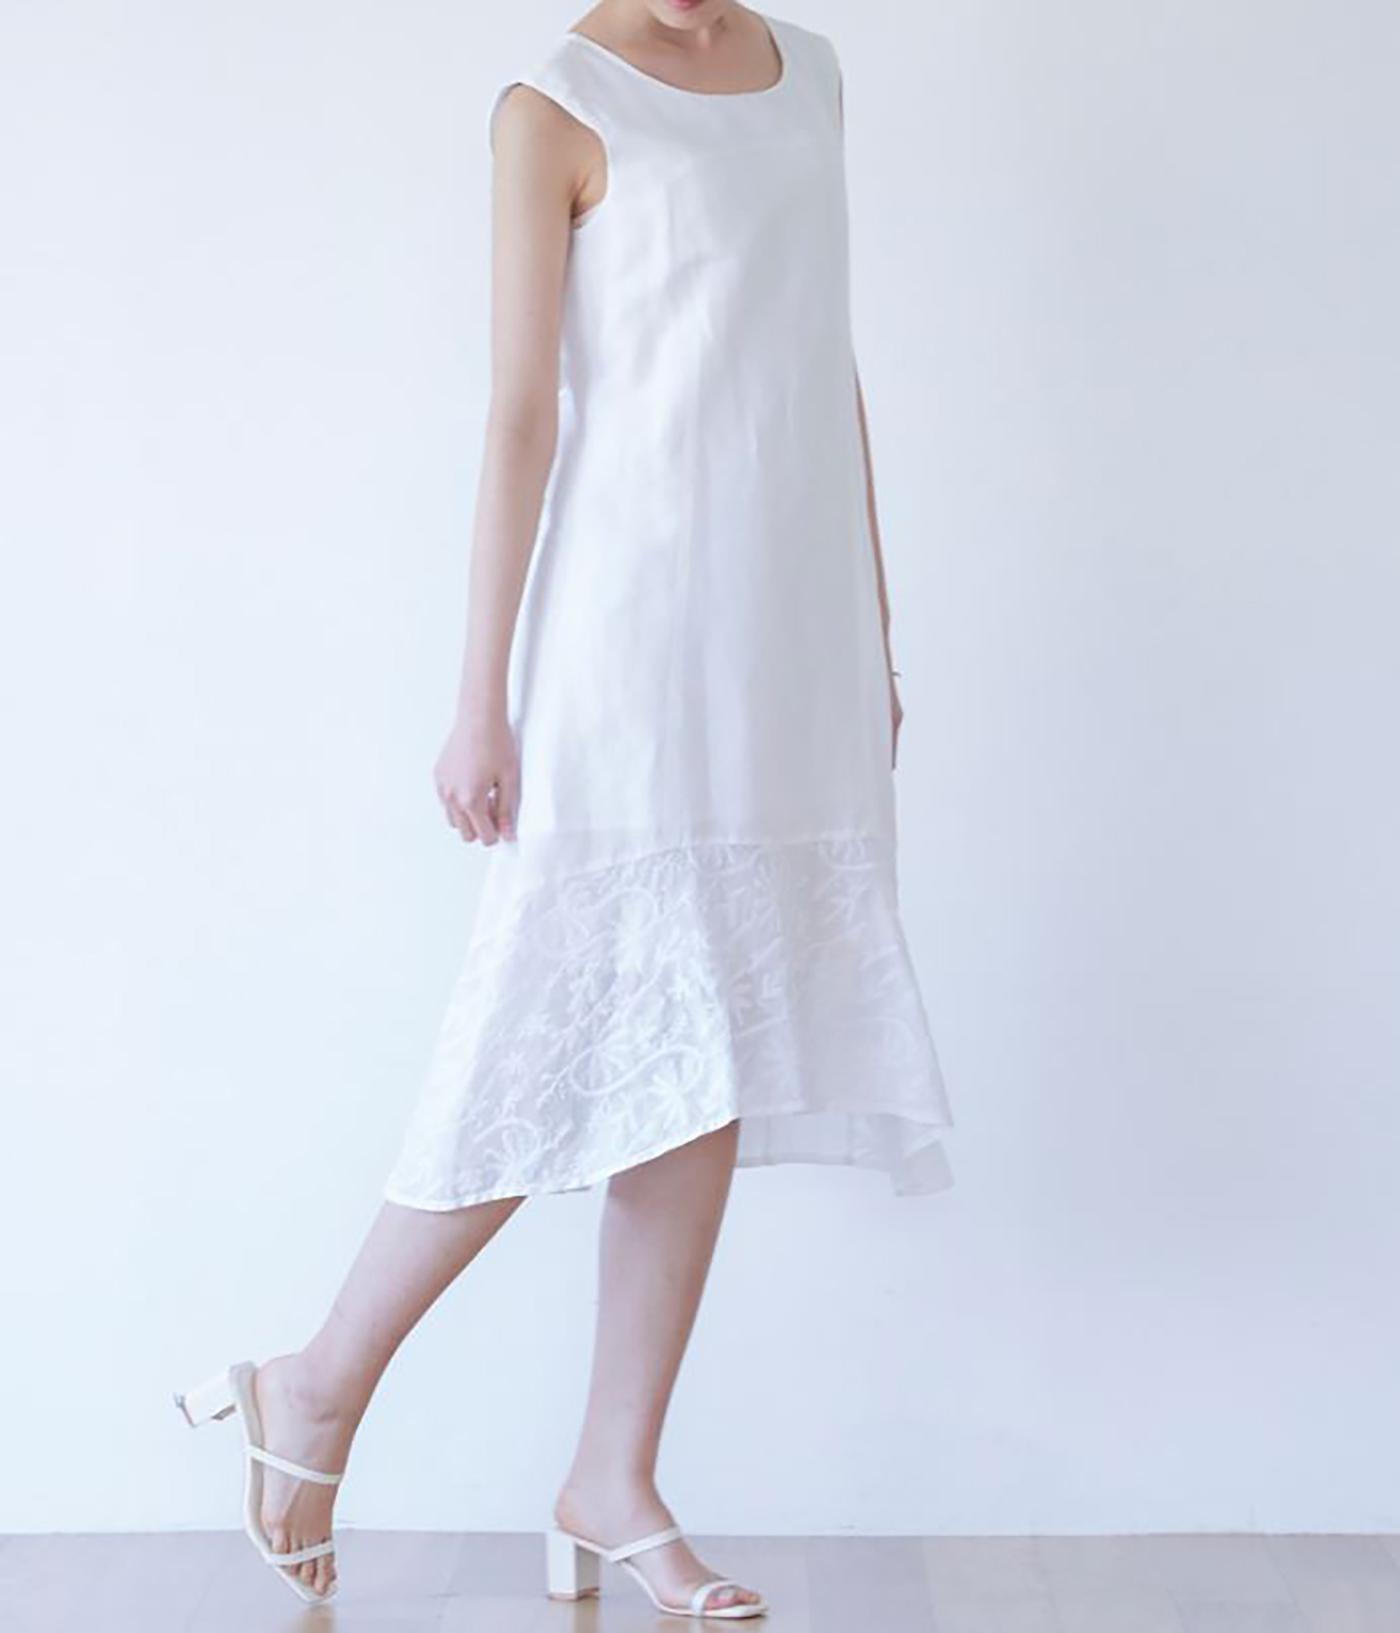 안개꽃 민소매 드레스/그루 안개꽃 민소매 드레스 상세이미지1